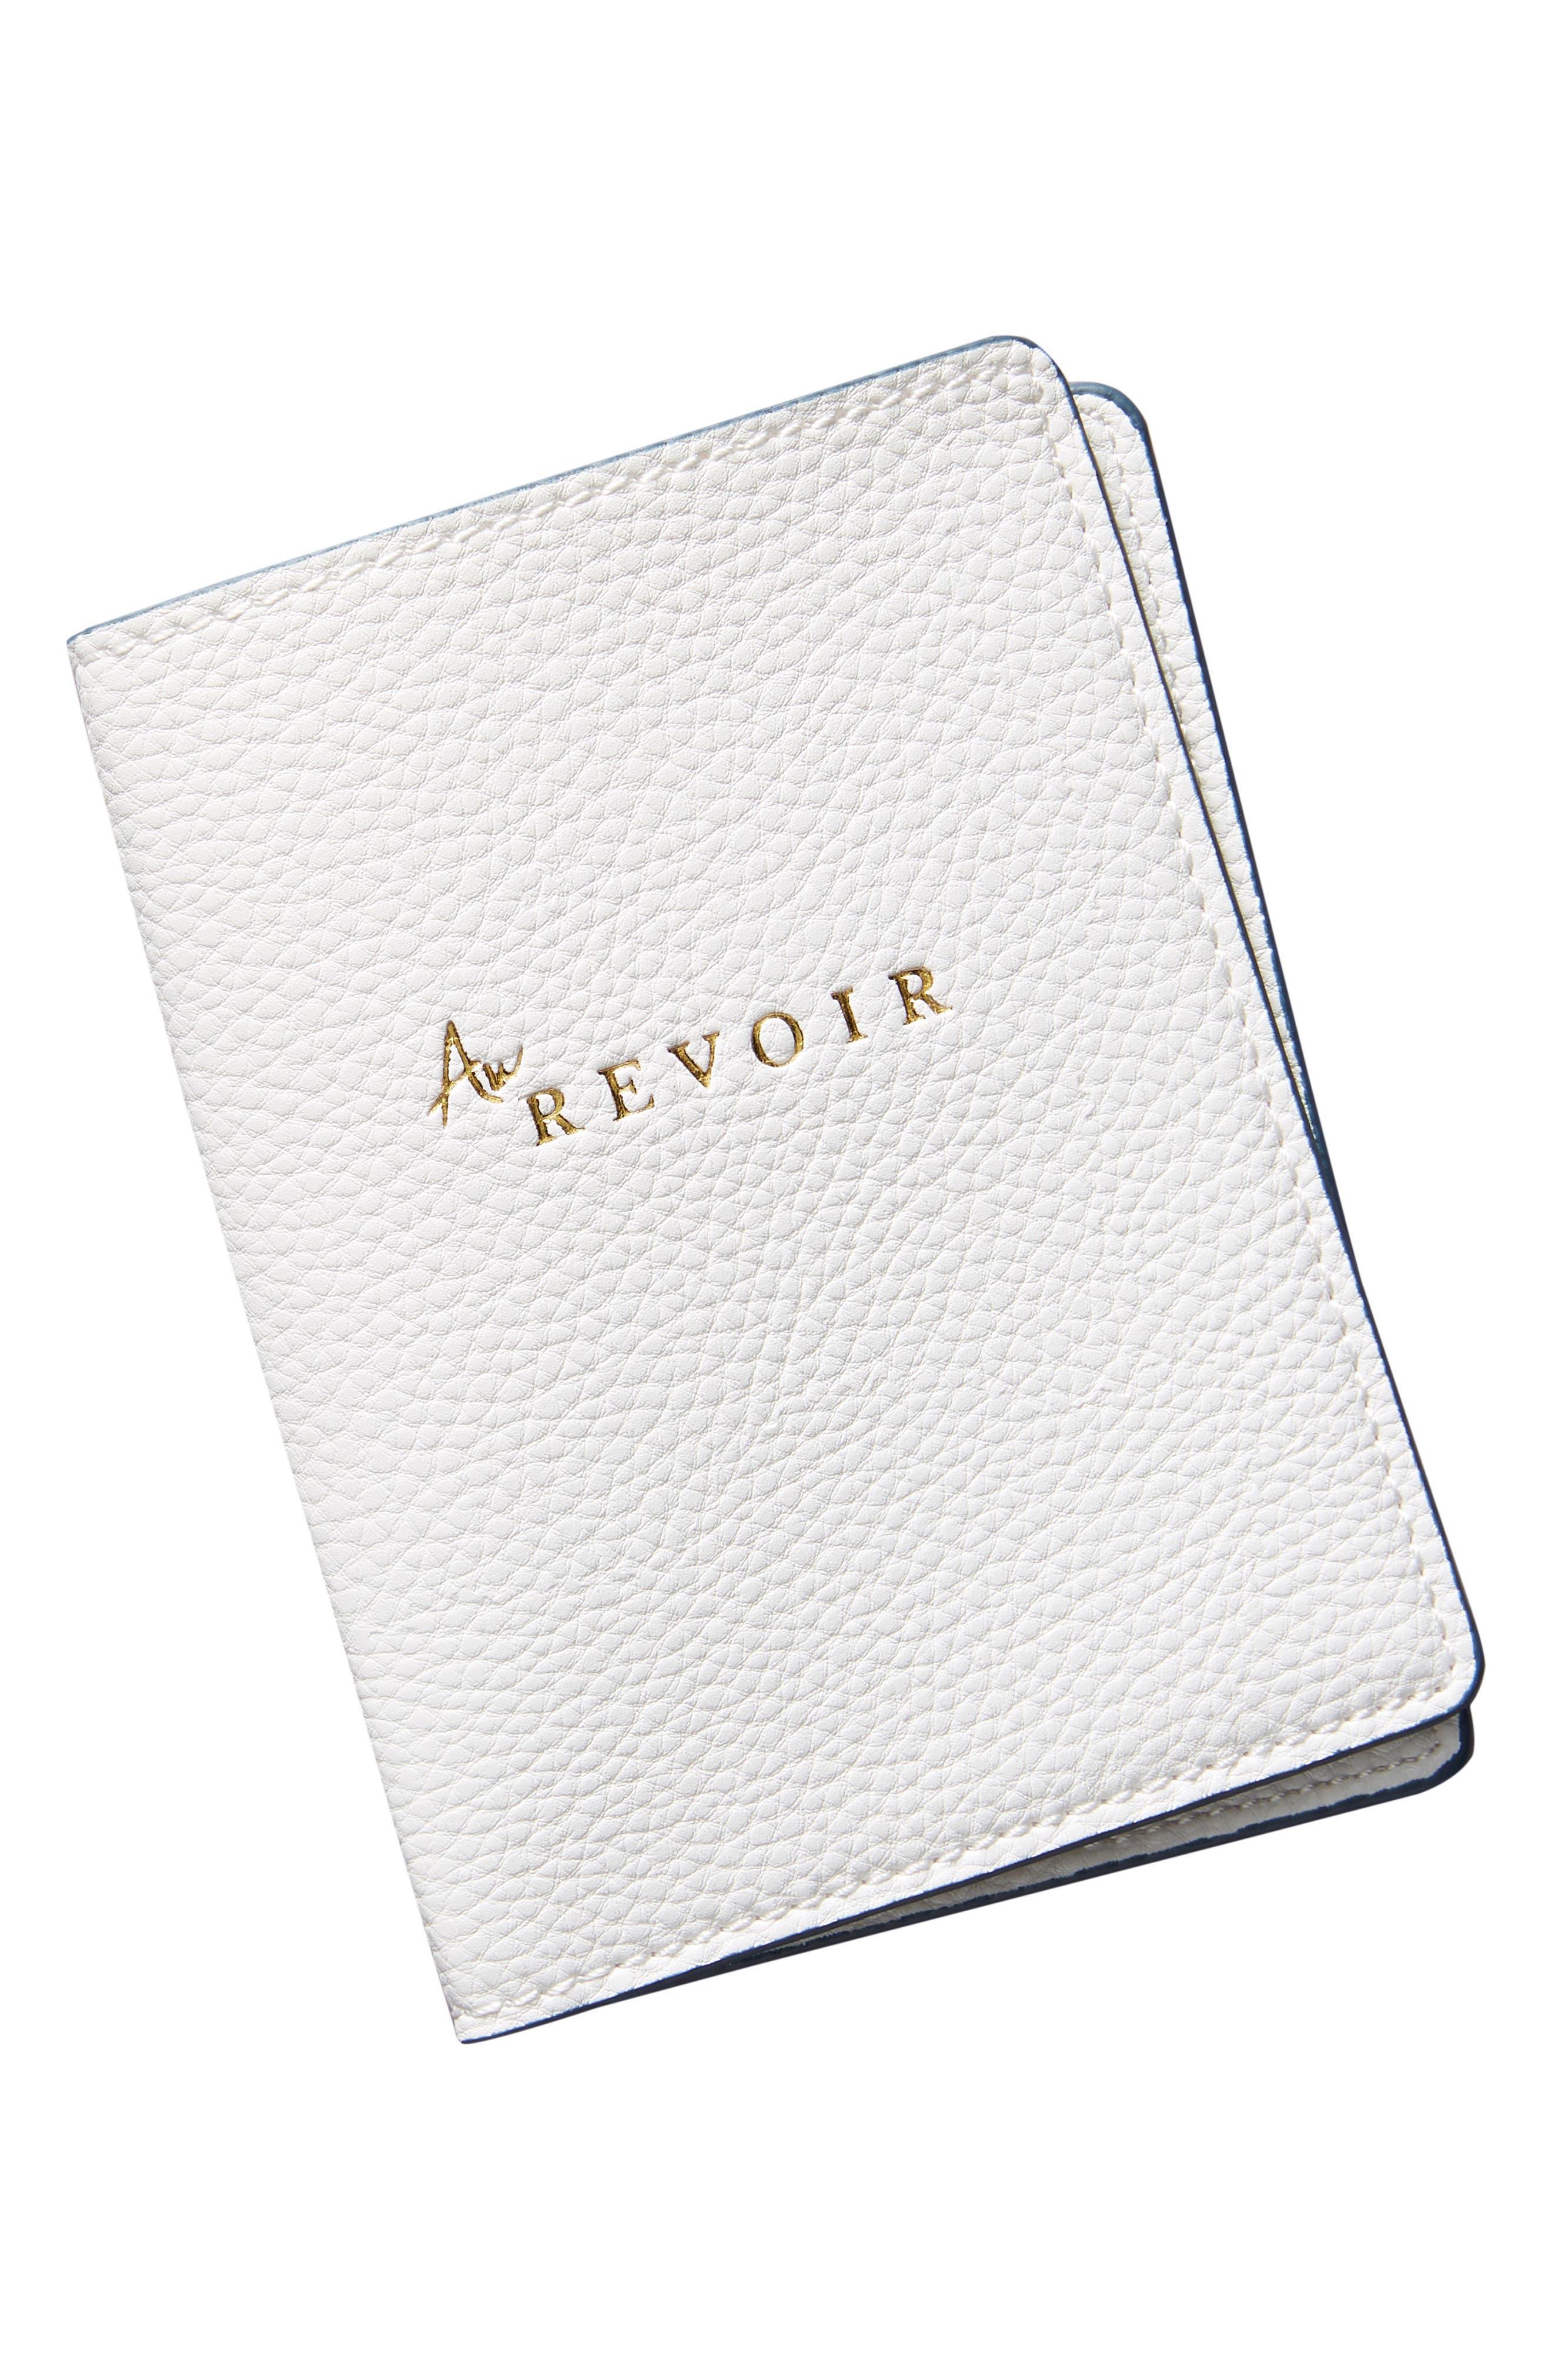 ANTHROPOLOGIE, Au Revoir Passport Holder, Alternate thumbnail 3, color, WHITE